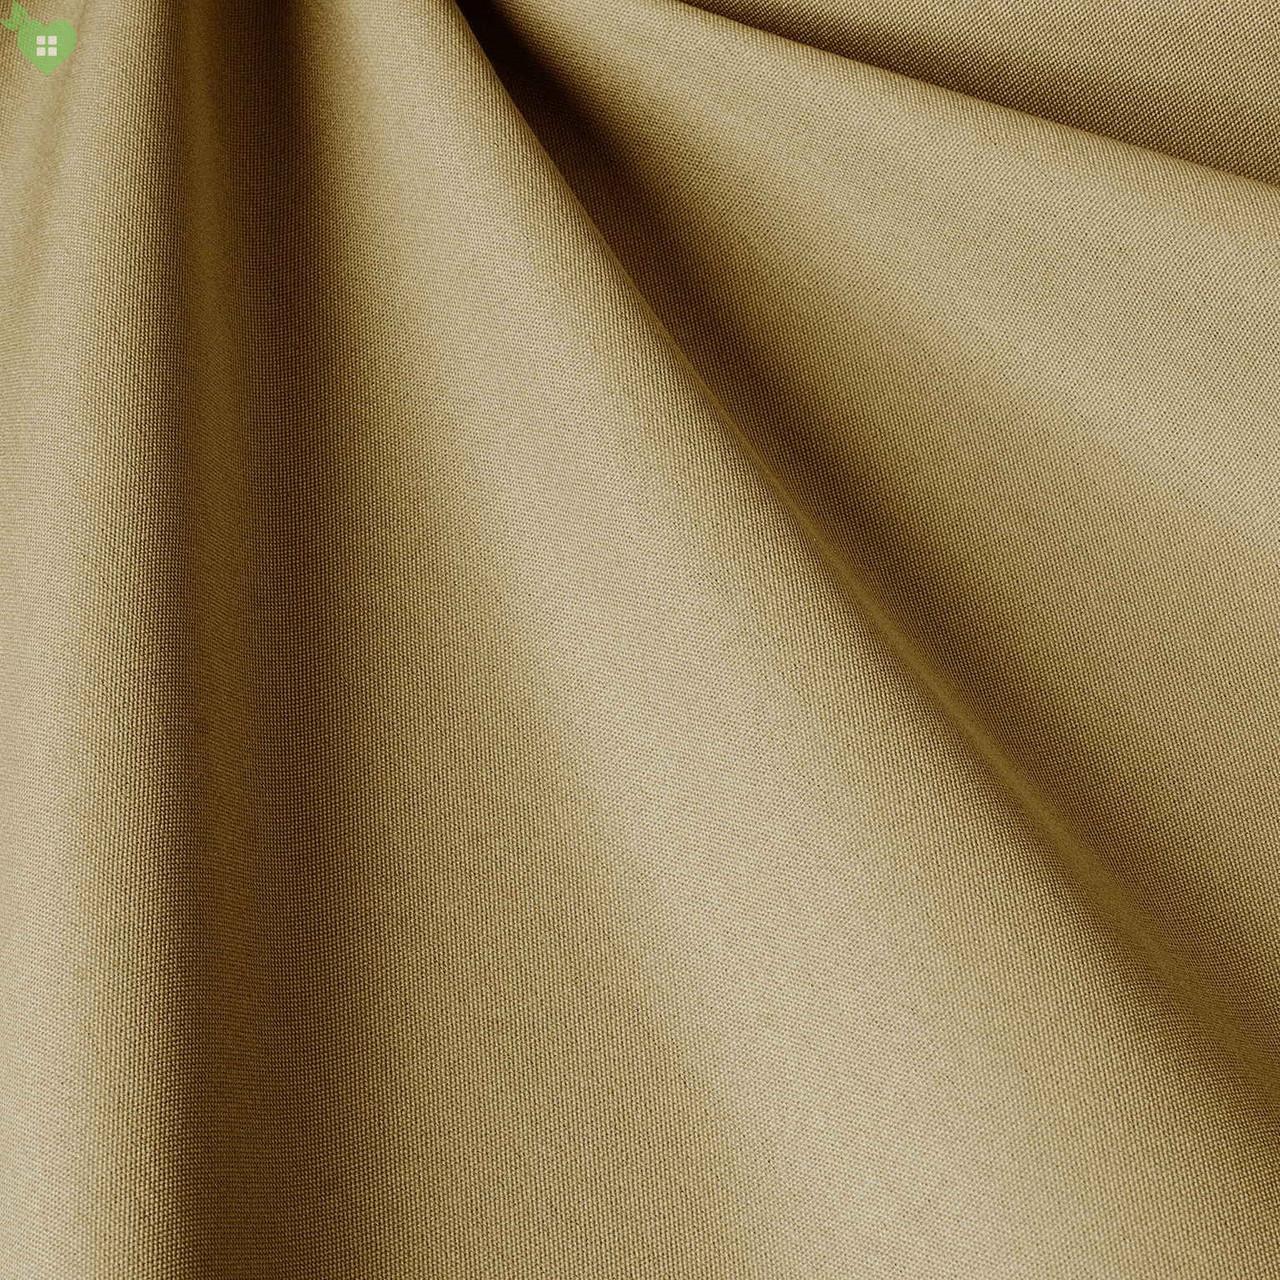 Однотонна вулична тканина глибокого жовто-коричневого кольору акрилова Іспанія 83385v13